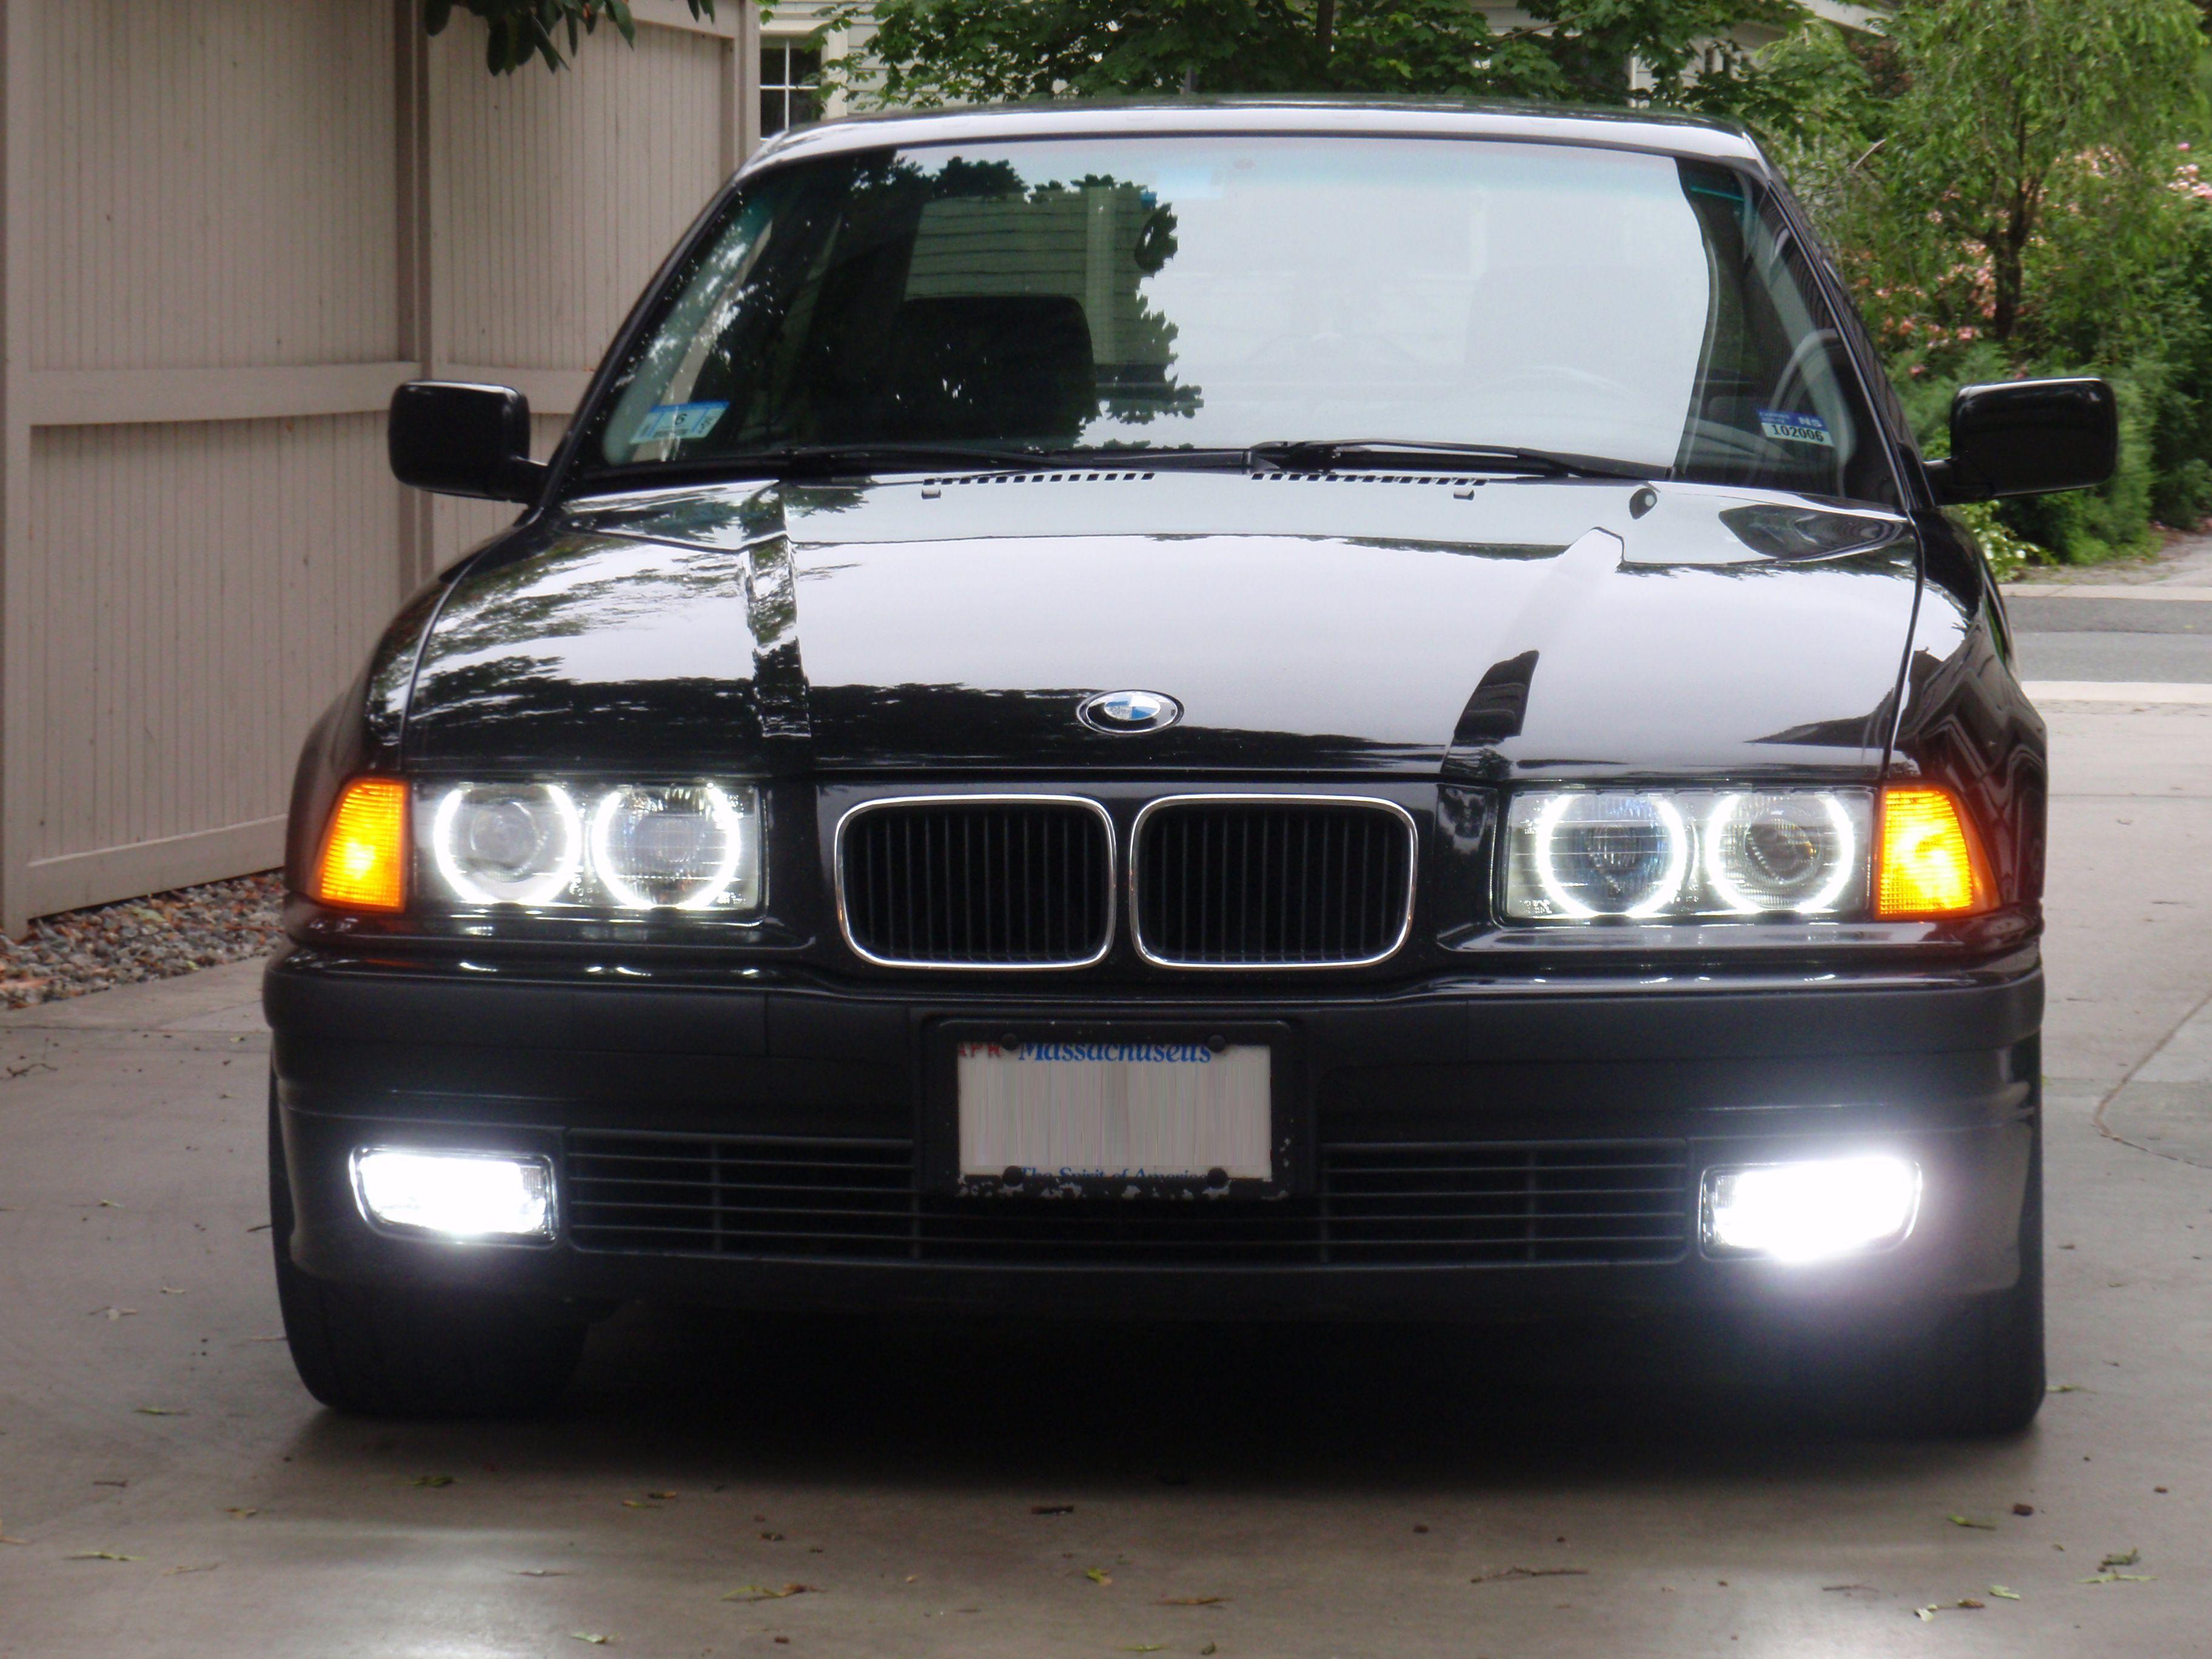 2006 Bmw 325I Engelske Øjne